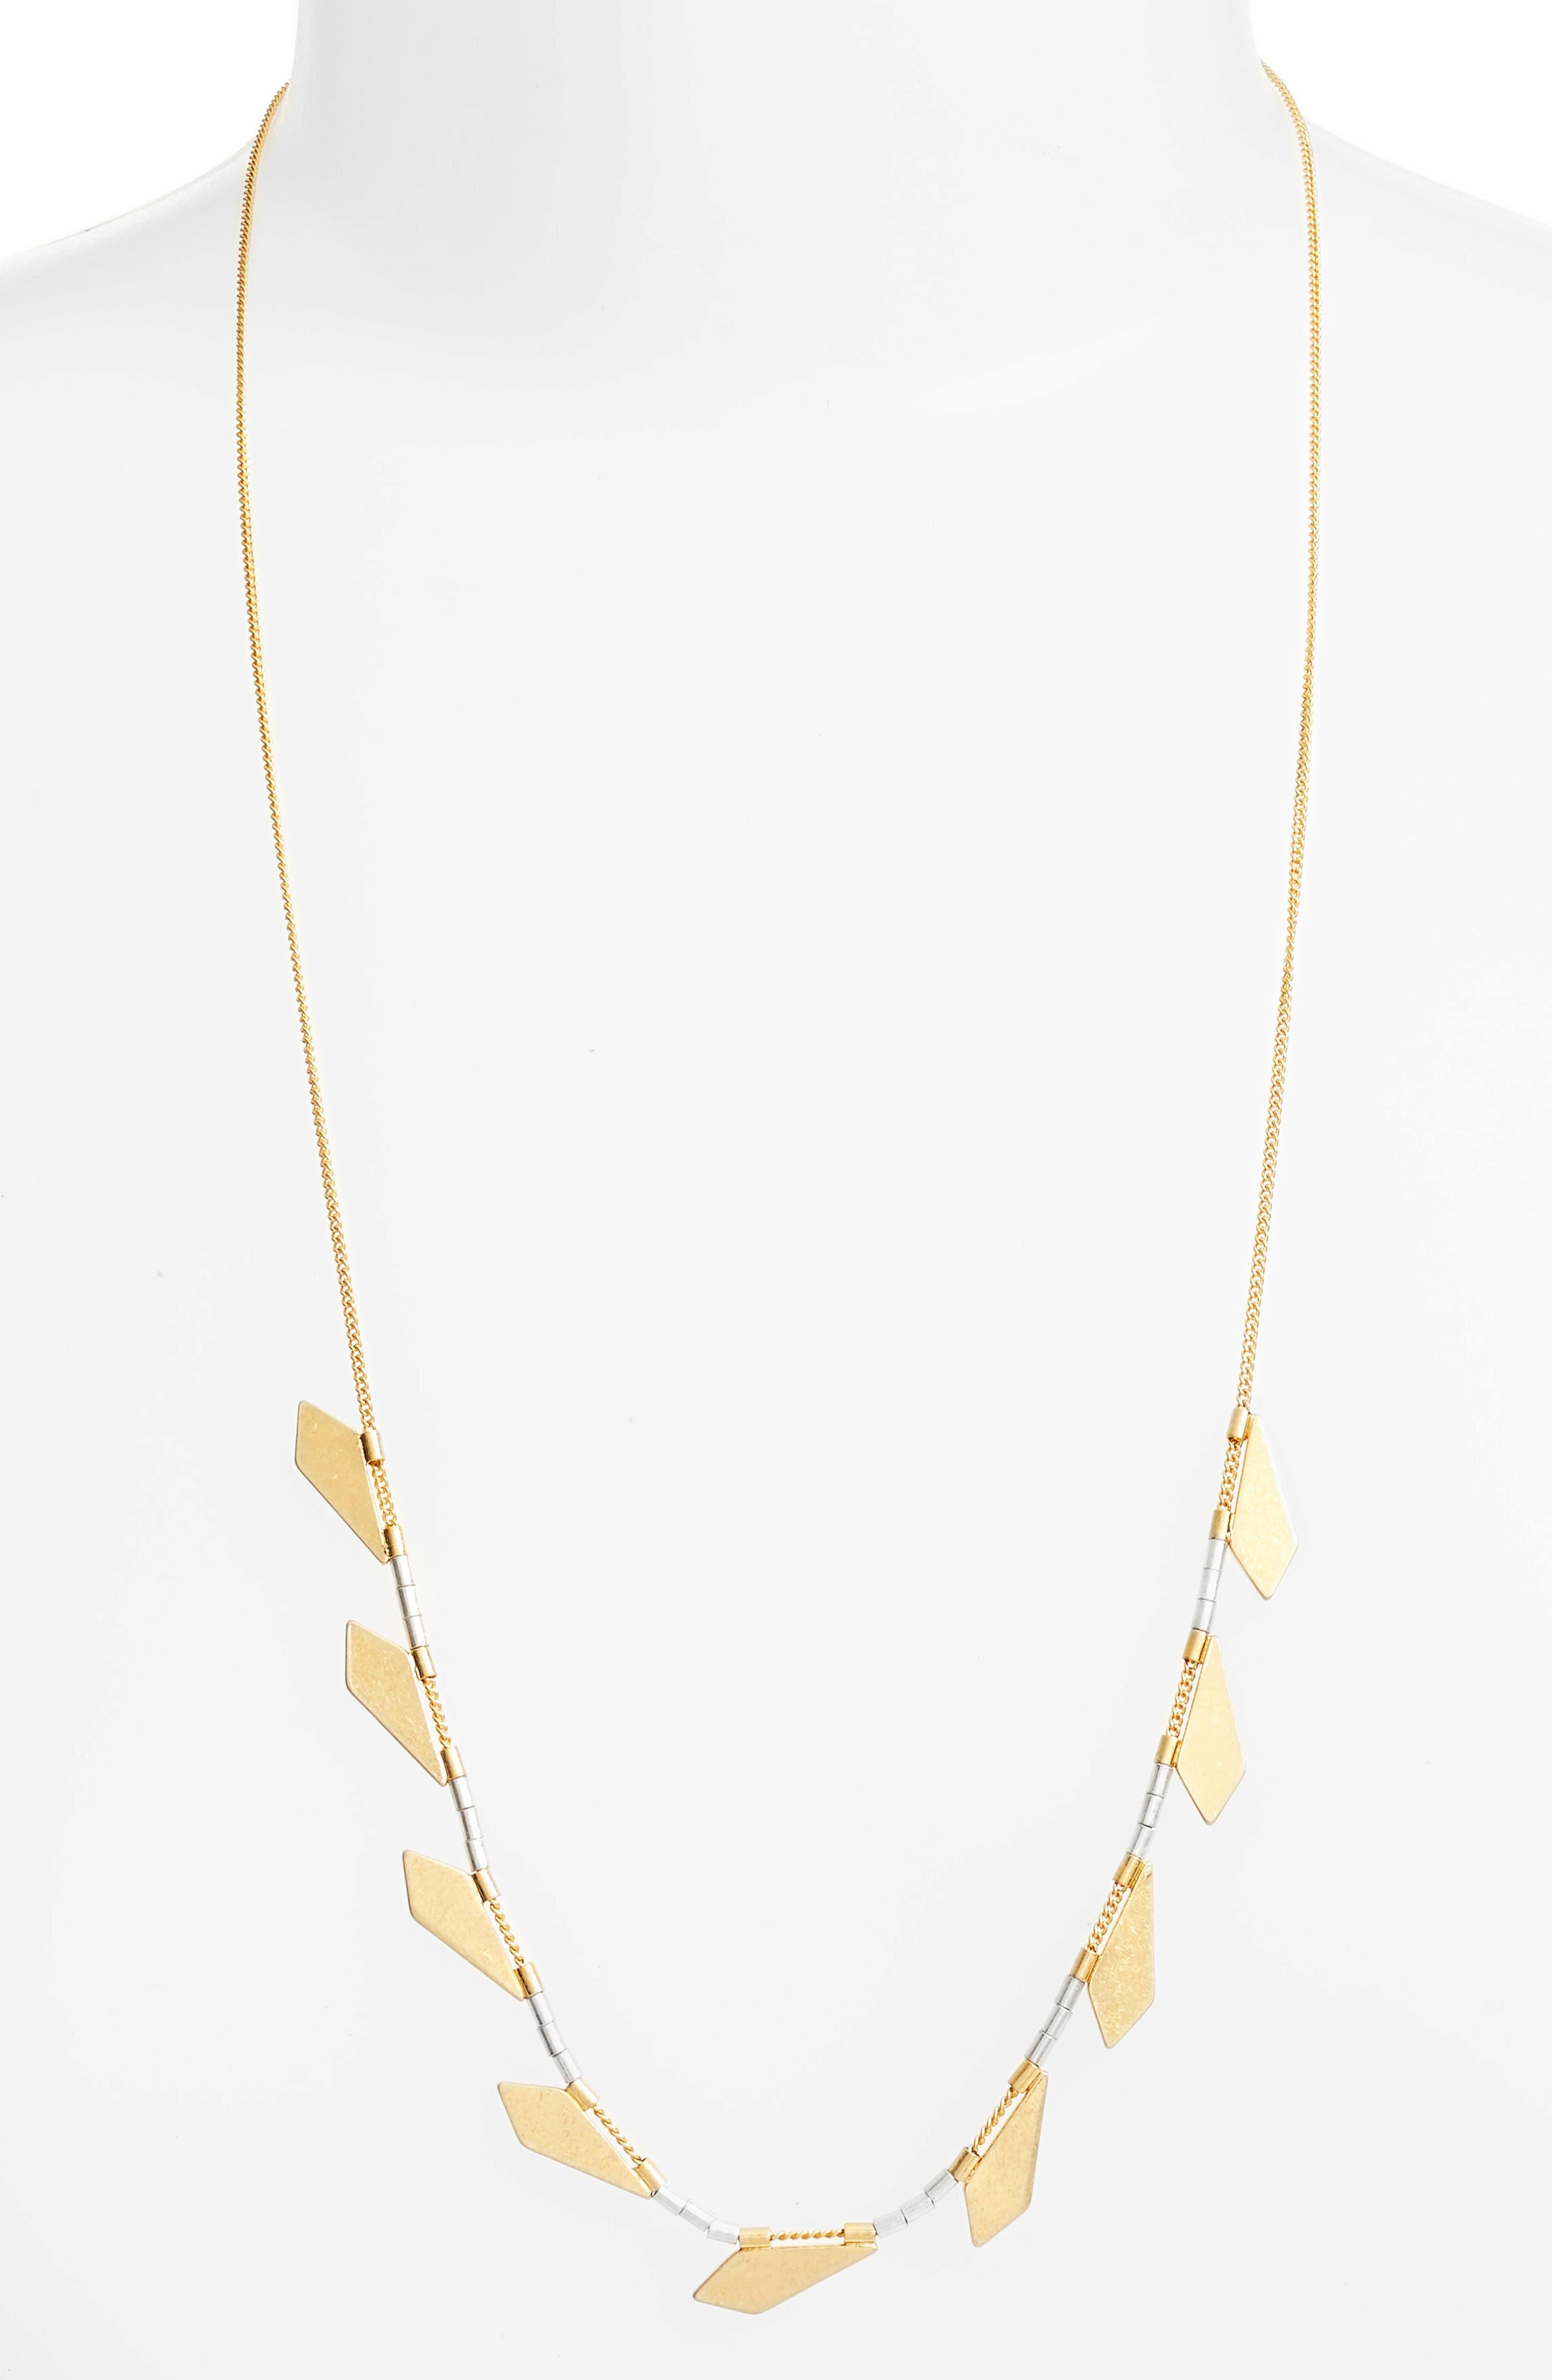 Shapemix Chain Necklace,                             Main thumbnail 1, color,                             710